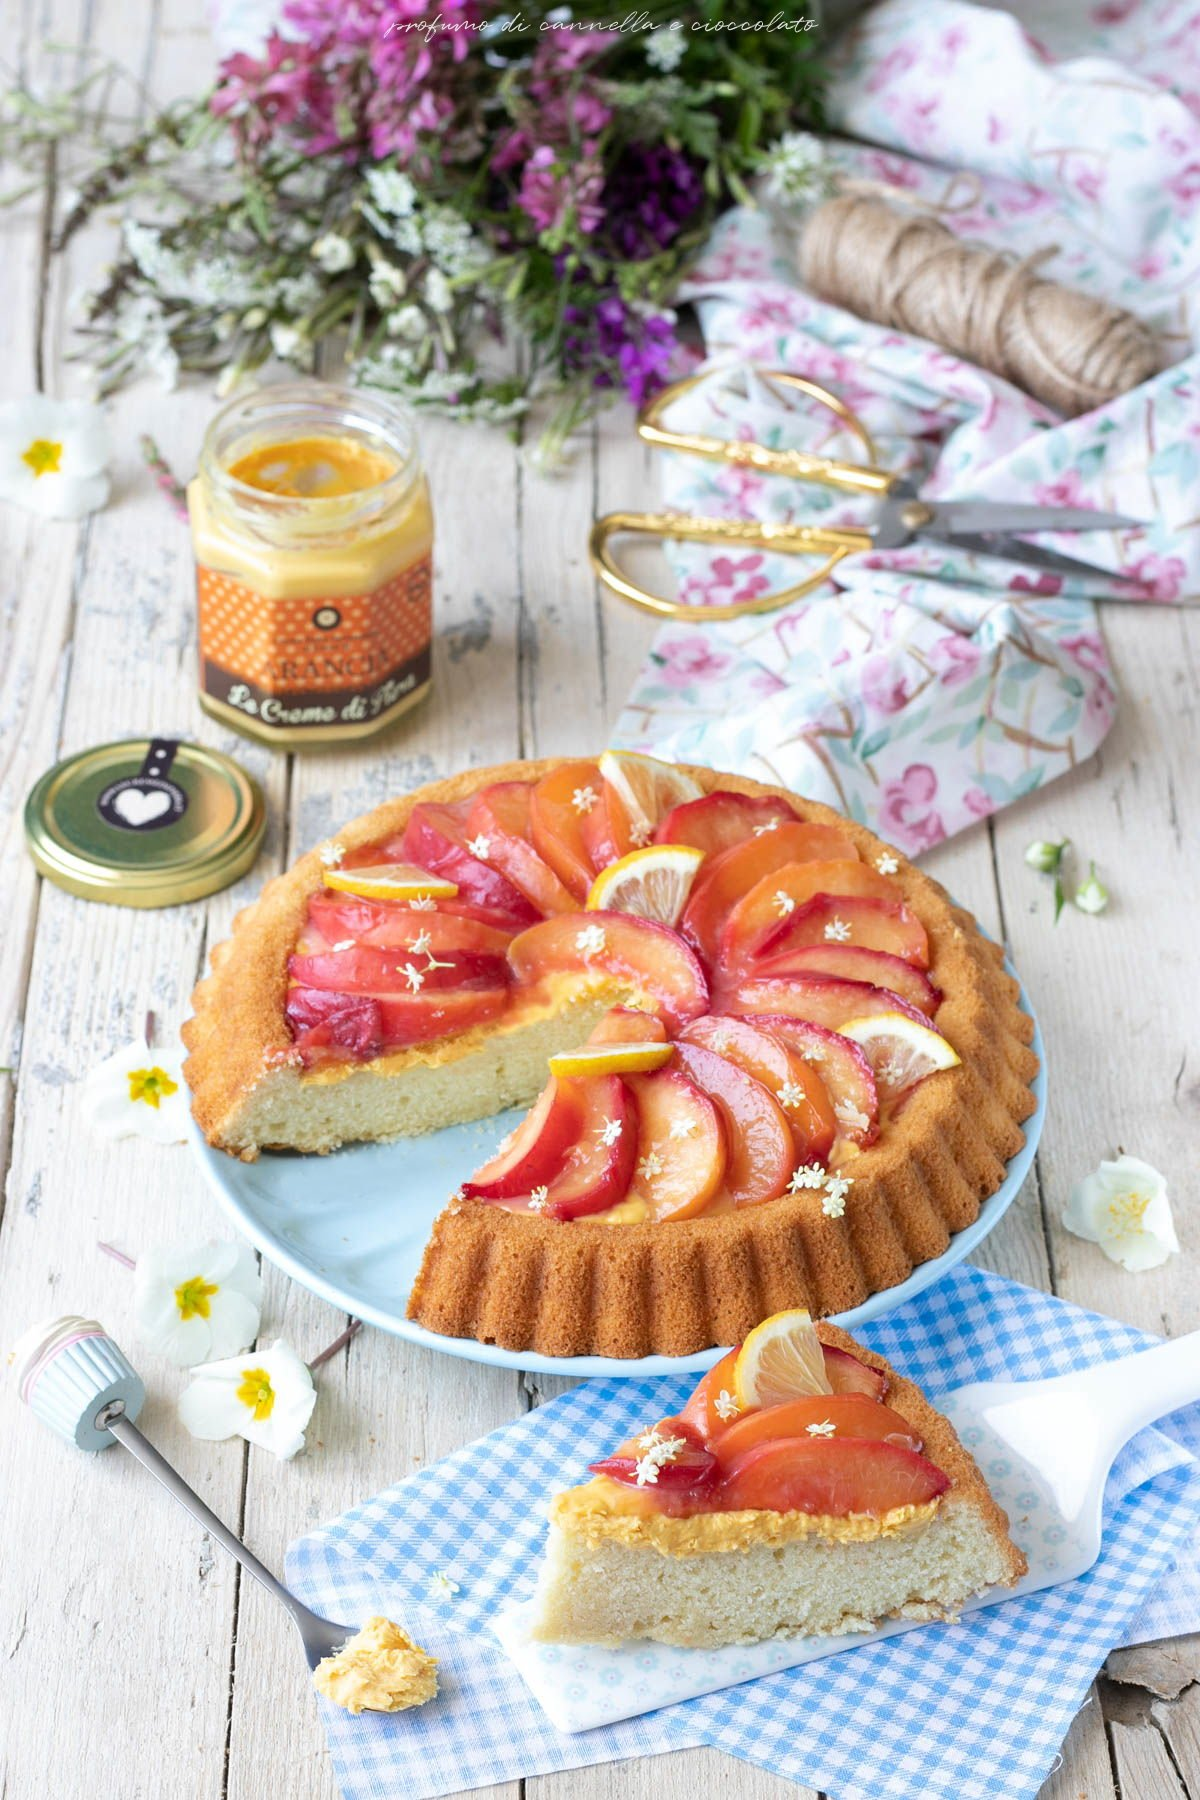 Crostata alta e soffice con crema all'arancia e pesche caramellate